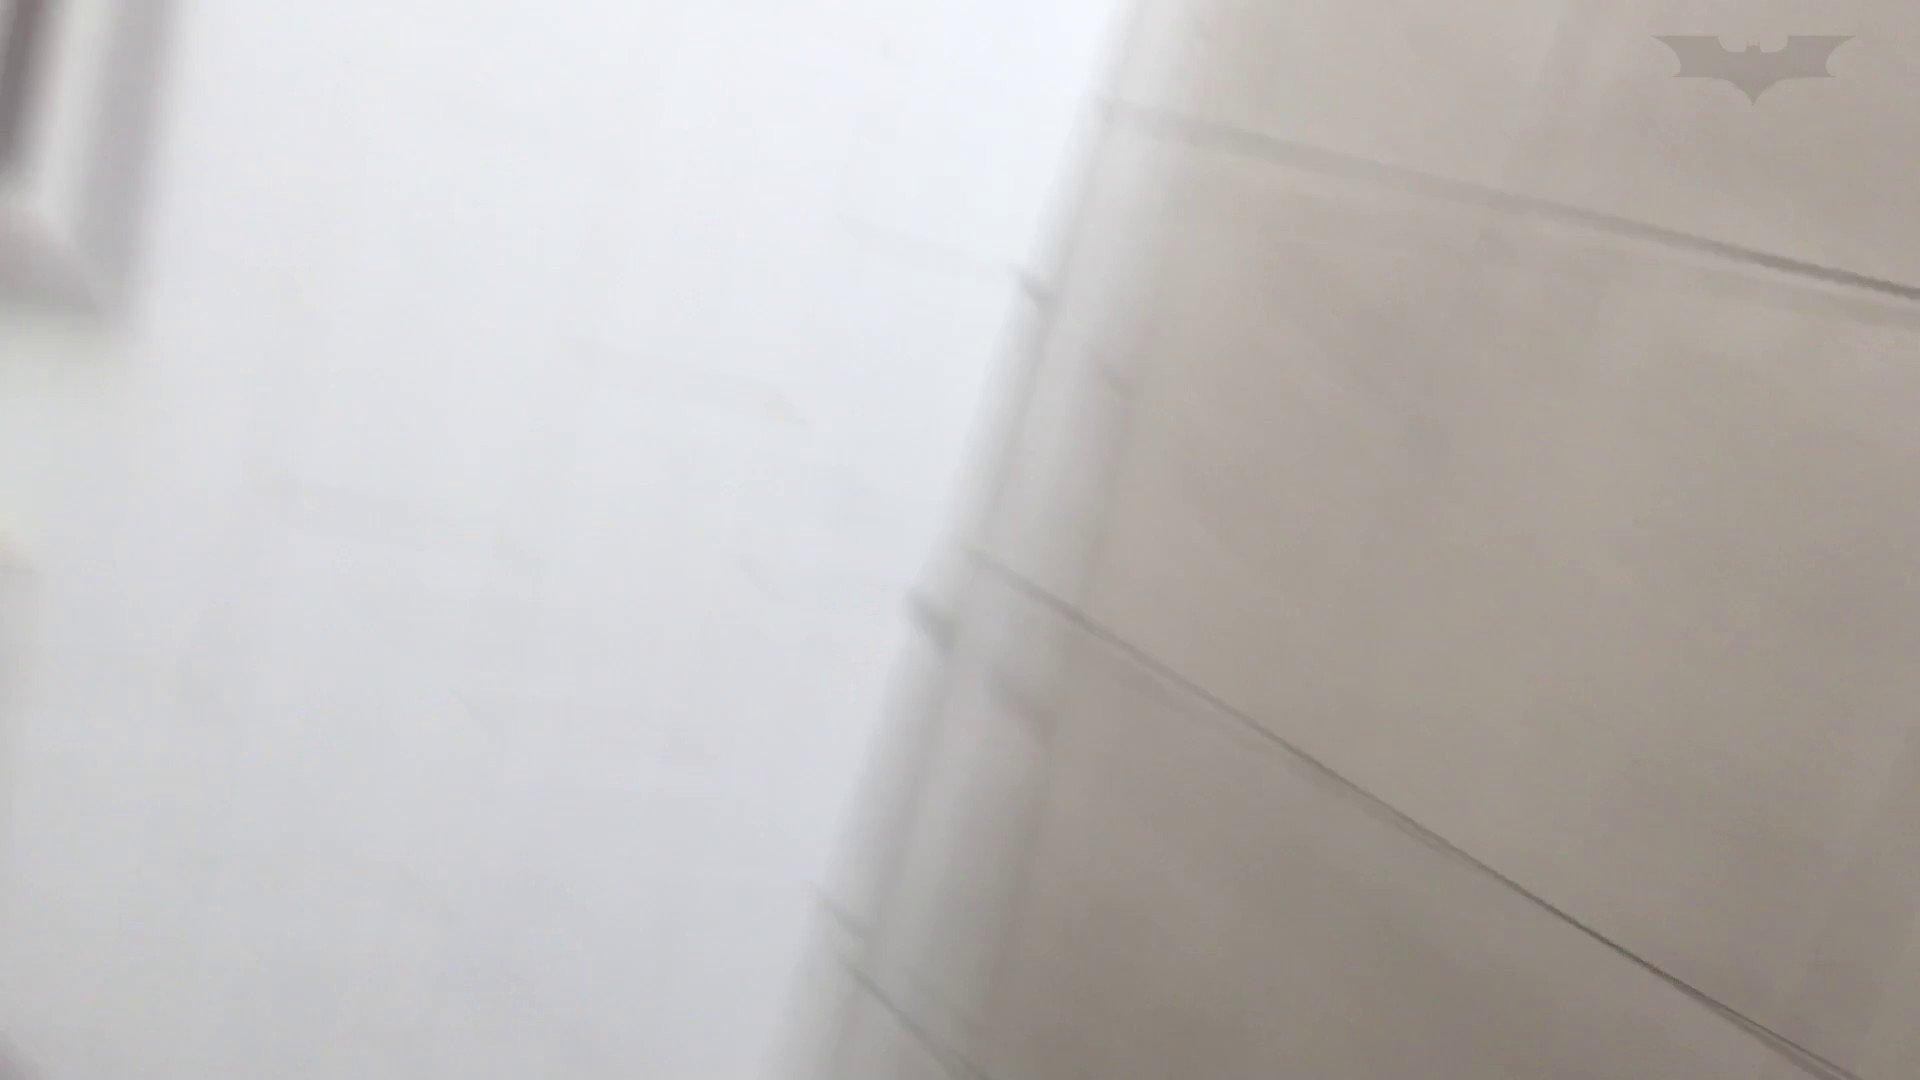 芸術大学ガチ潜入盗sati JD盗撮 美女の洗面所の秘密 Vol.95 美女 えろ無修正画像 100画像 10